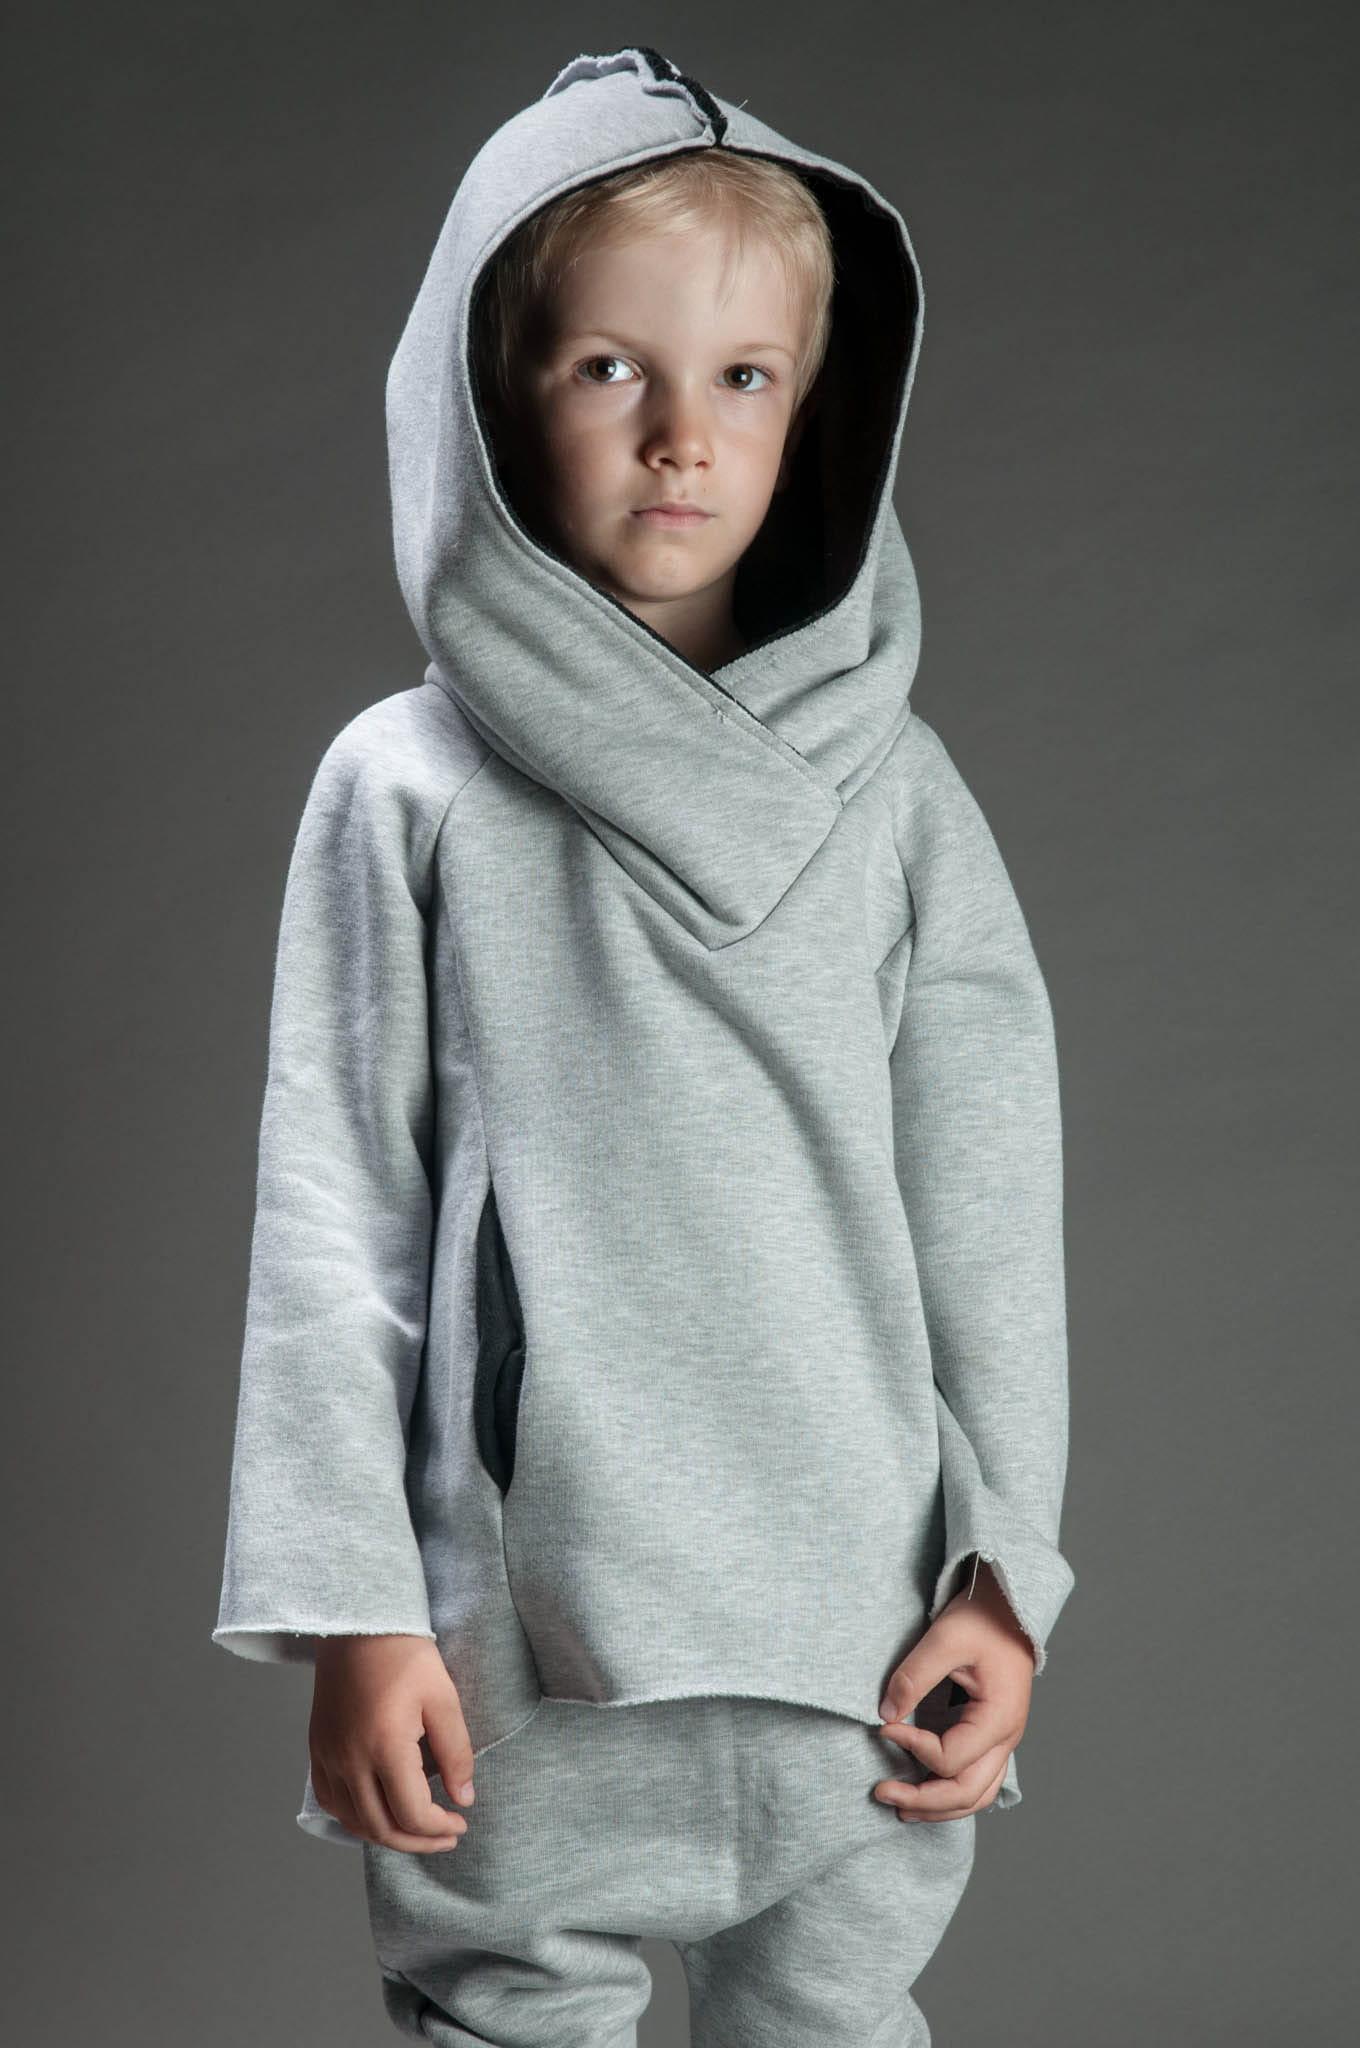 Jesteśmy niewielkim sklepikiem sprzedającym używane ubranka dla dzieci.